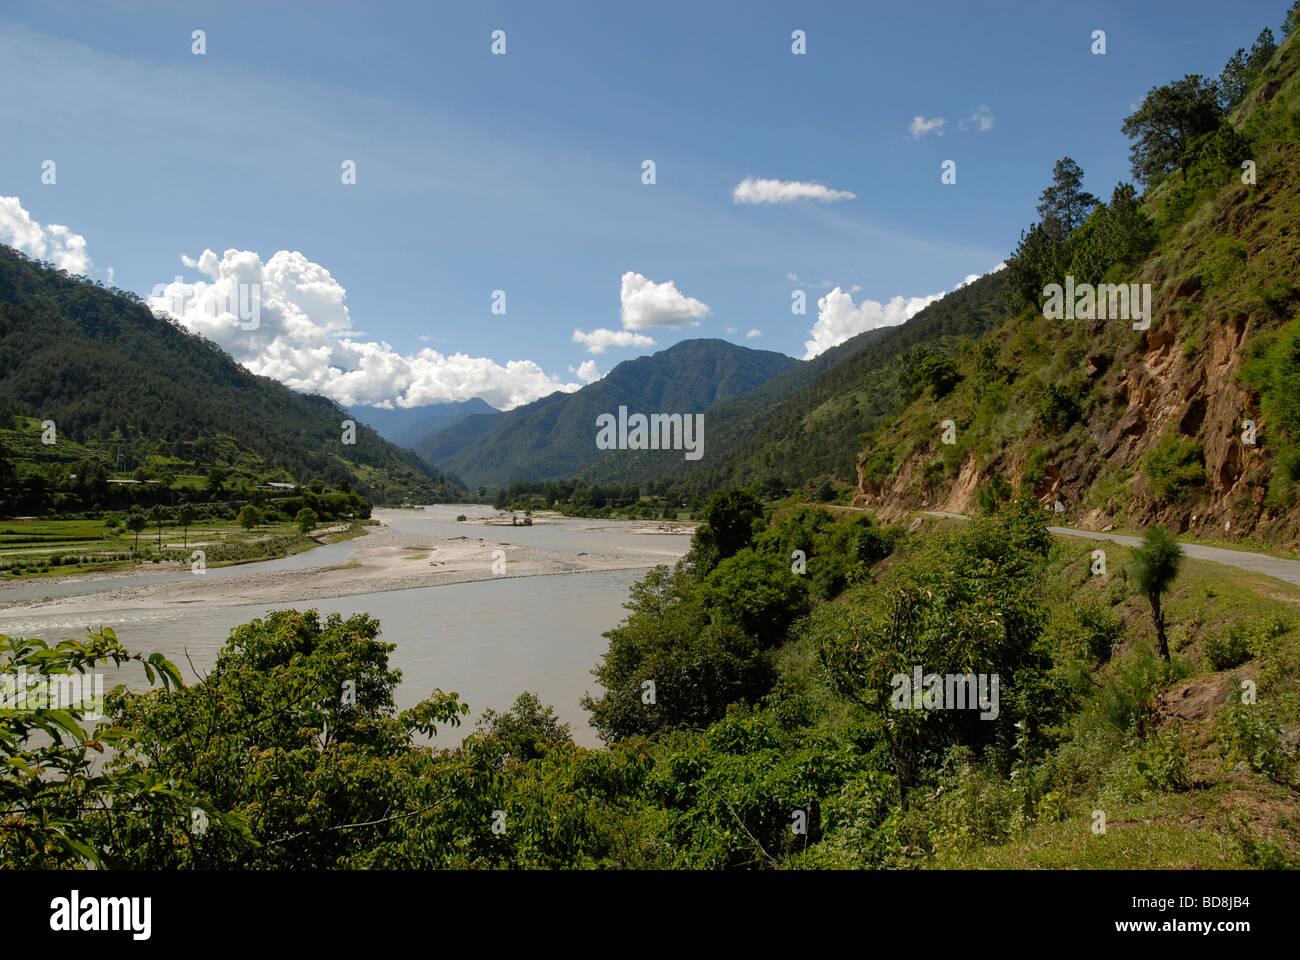 Vallée de la Mo Chho juste au-dessus de la rivière, le Bhoutan Punakha Photo Stock